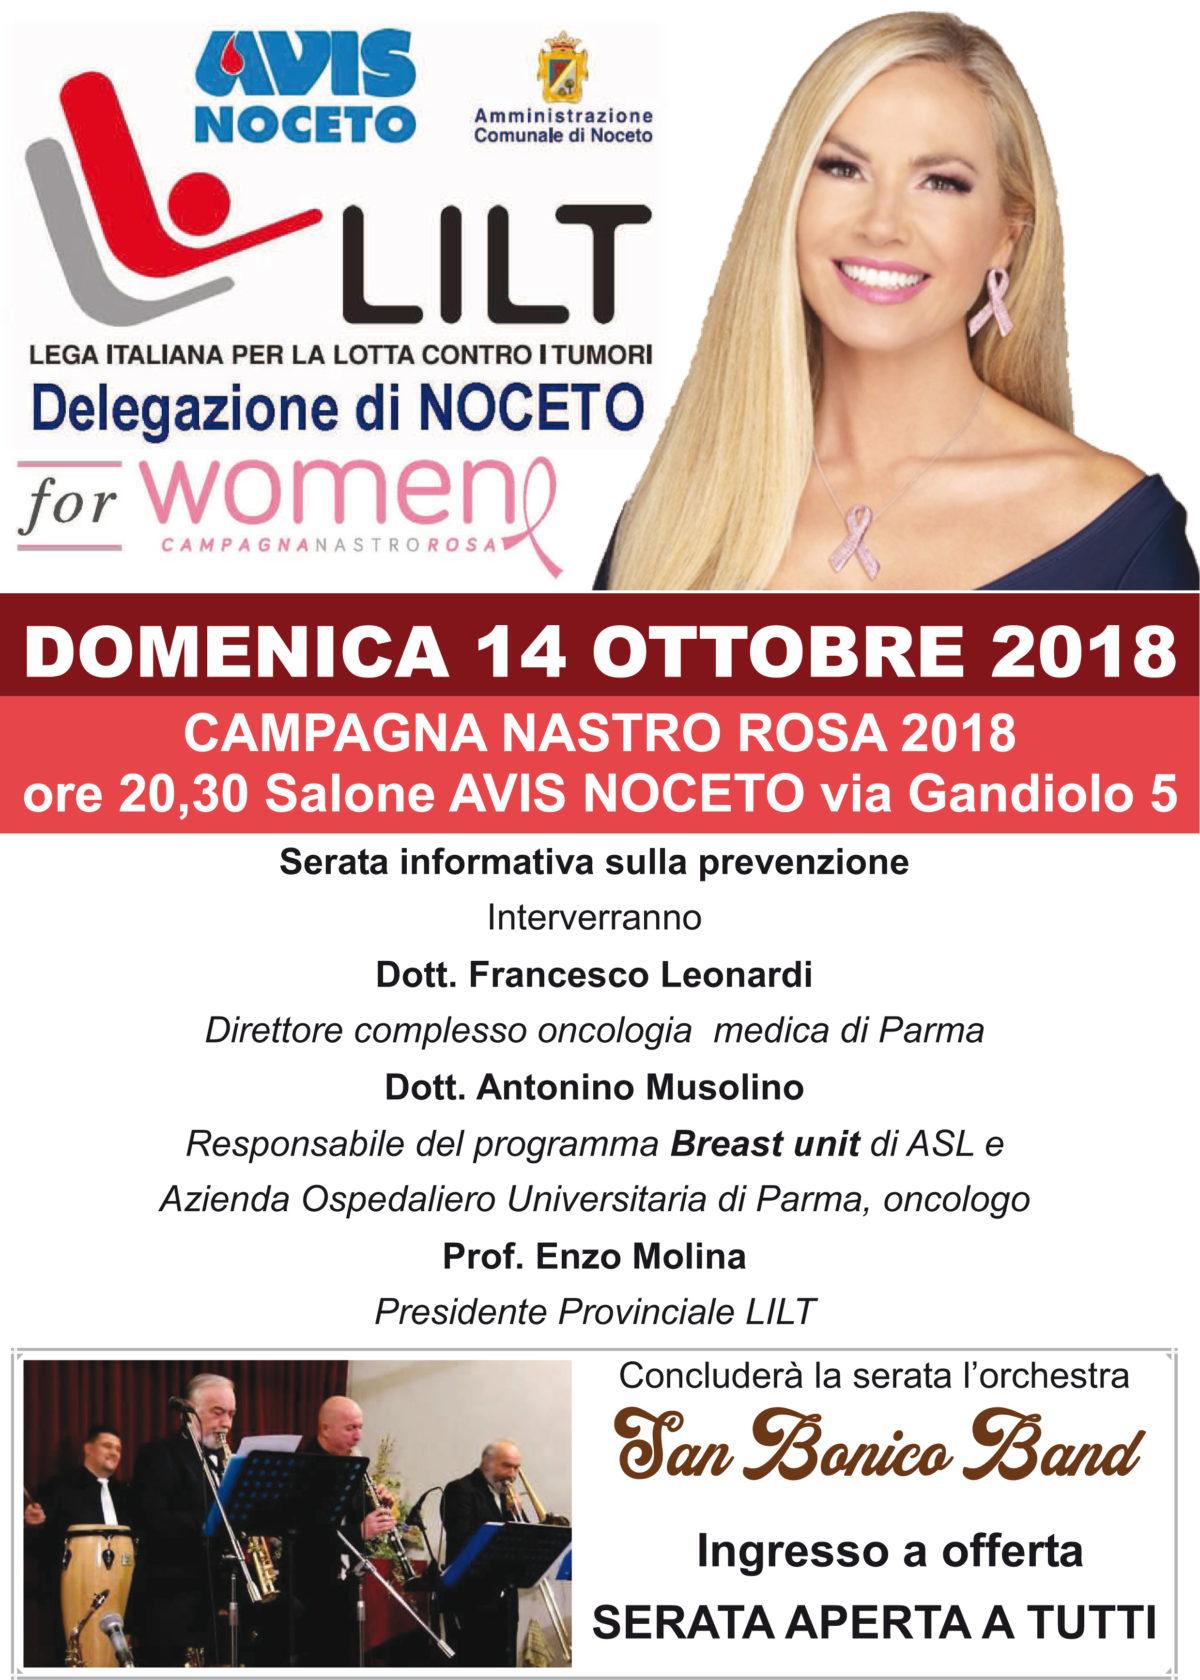 Domenica 14 ottobre ore 20.30 salone AVIS Noceto